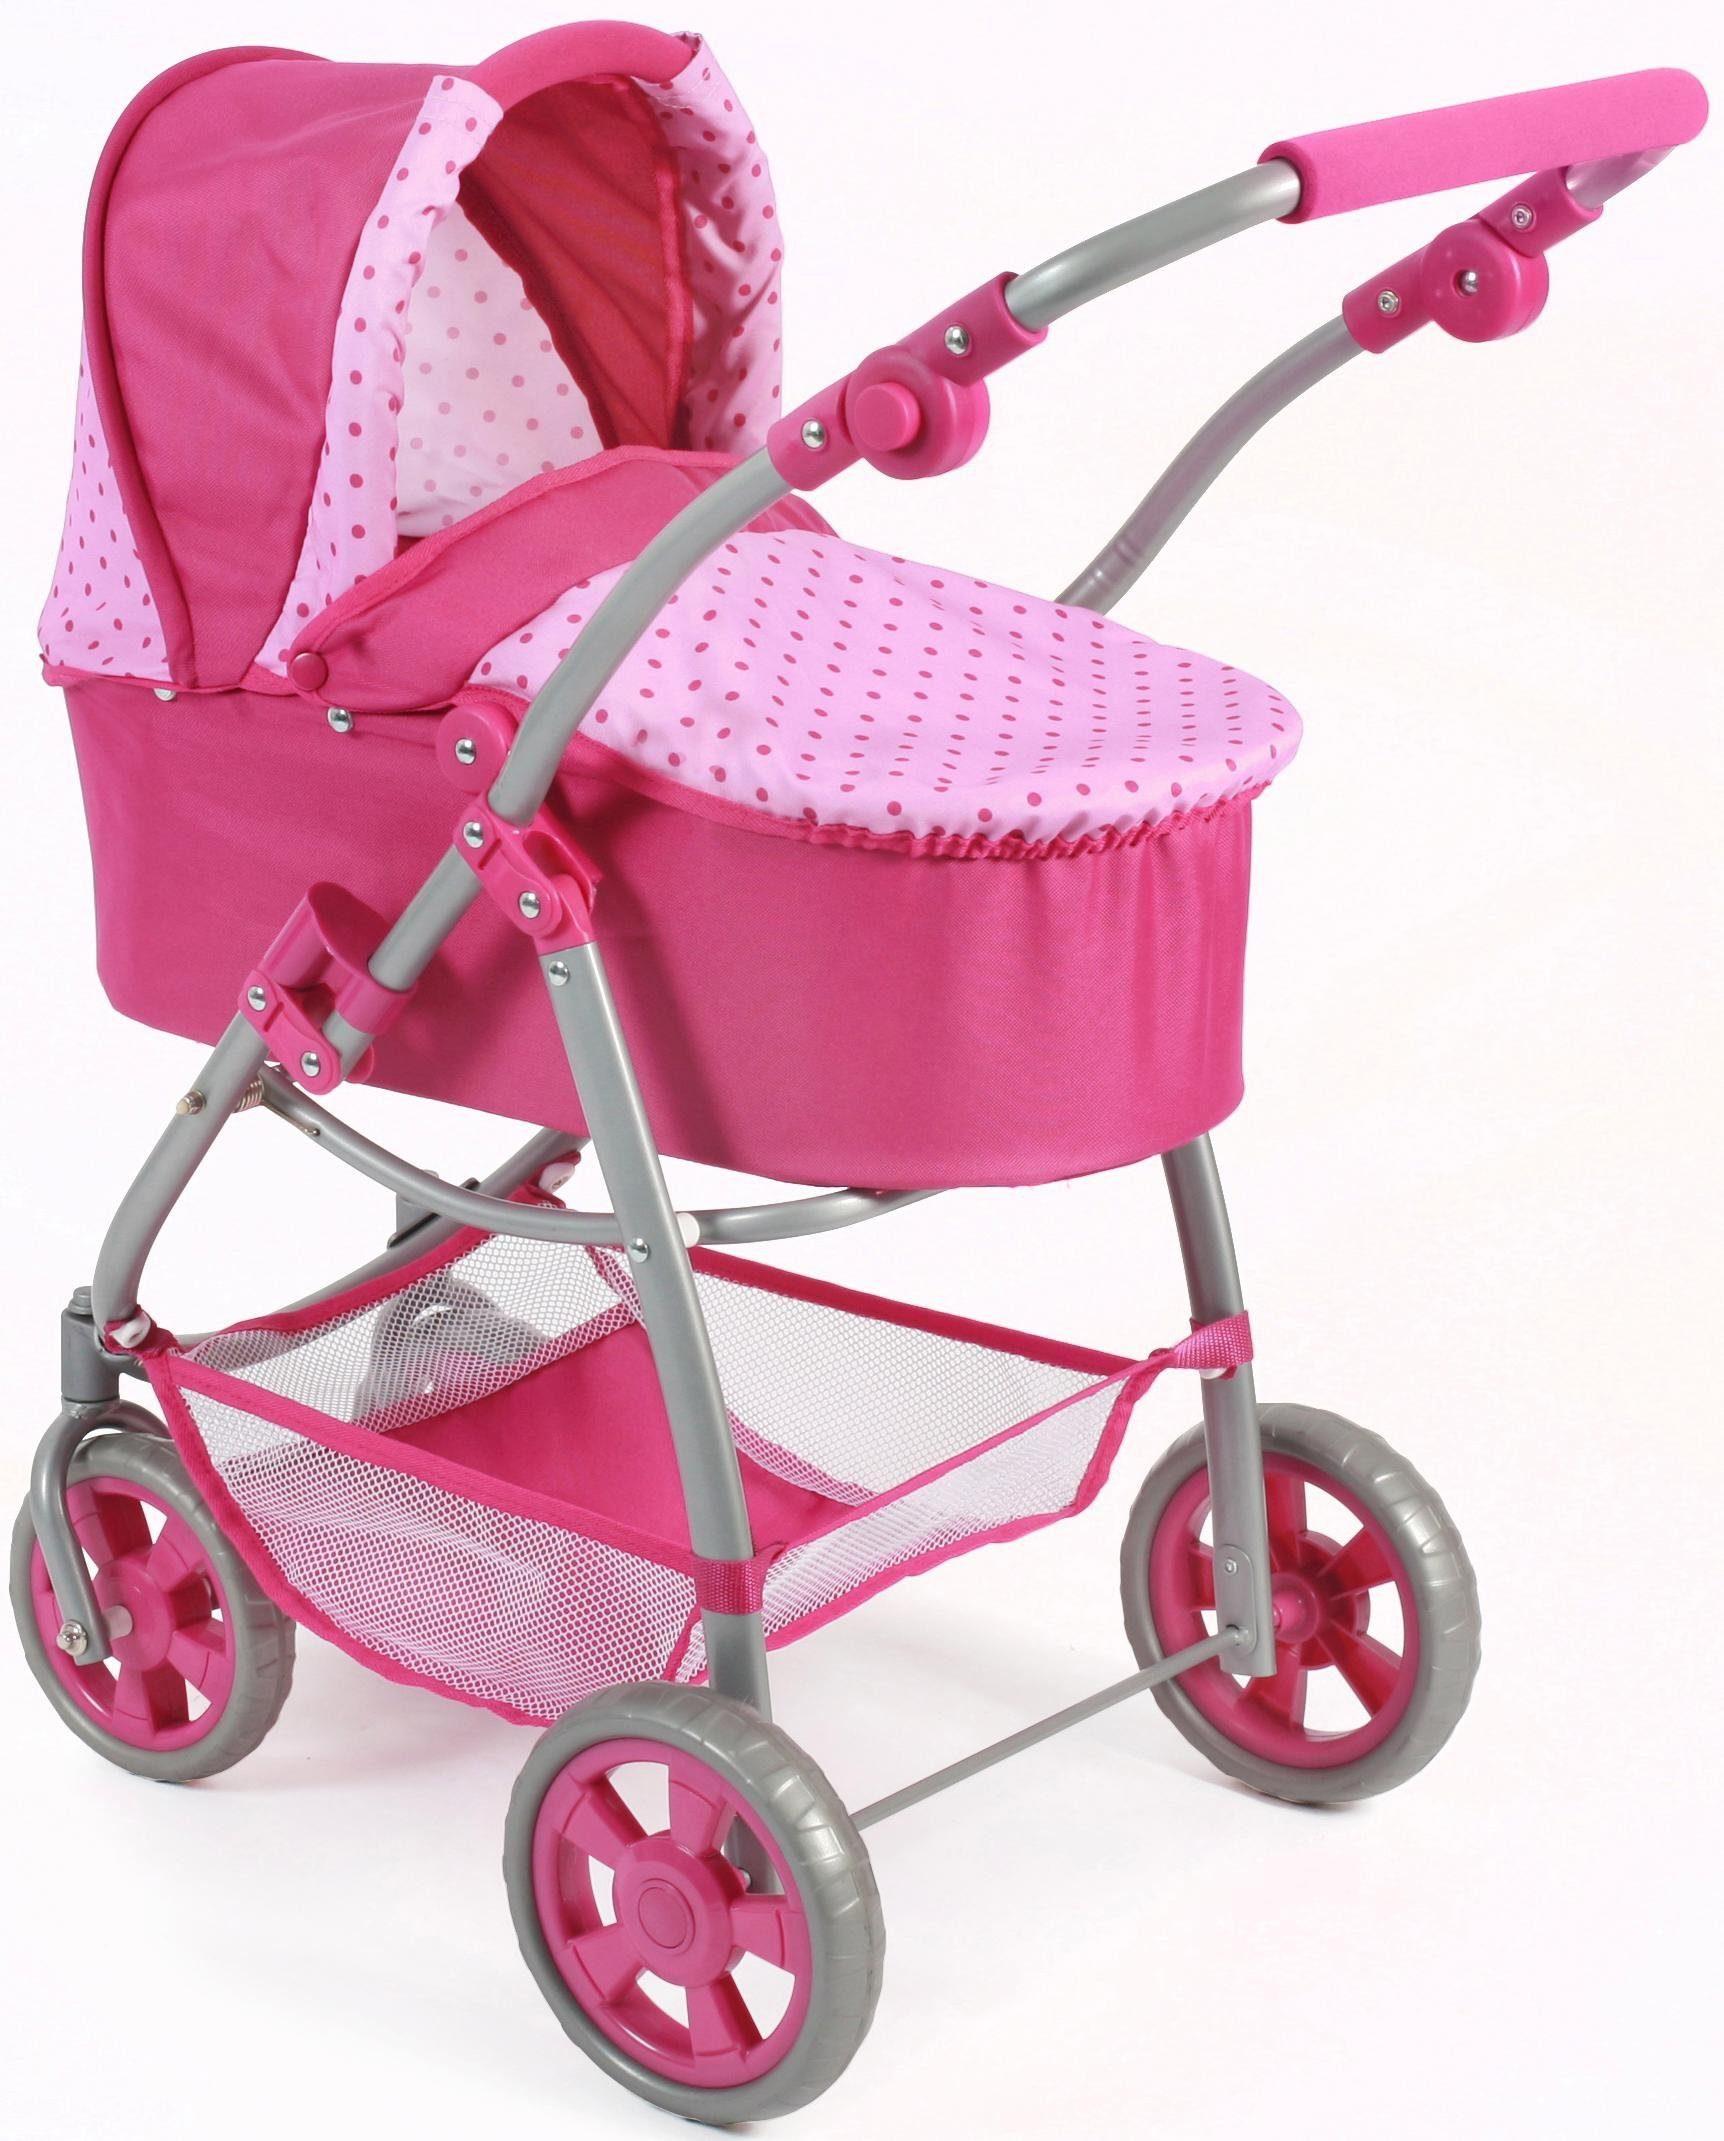 CHIC2000 Kombi Puppenwagen mit Babywanne und Sportwagenaufsatz, »Emotion 2in1, pink«